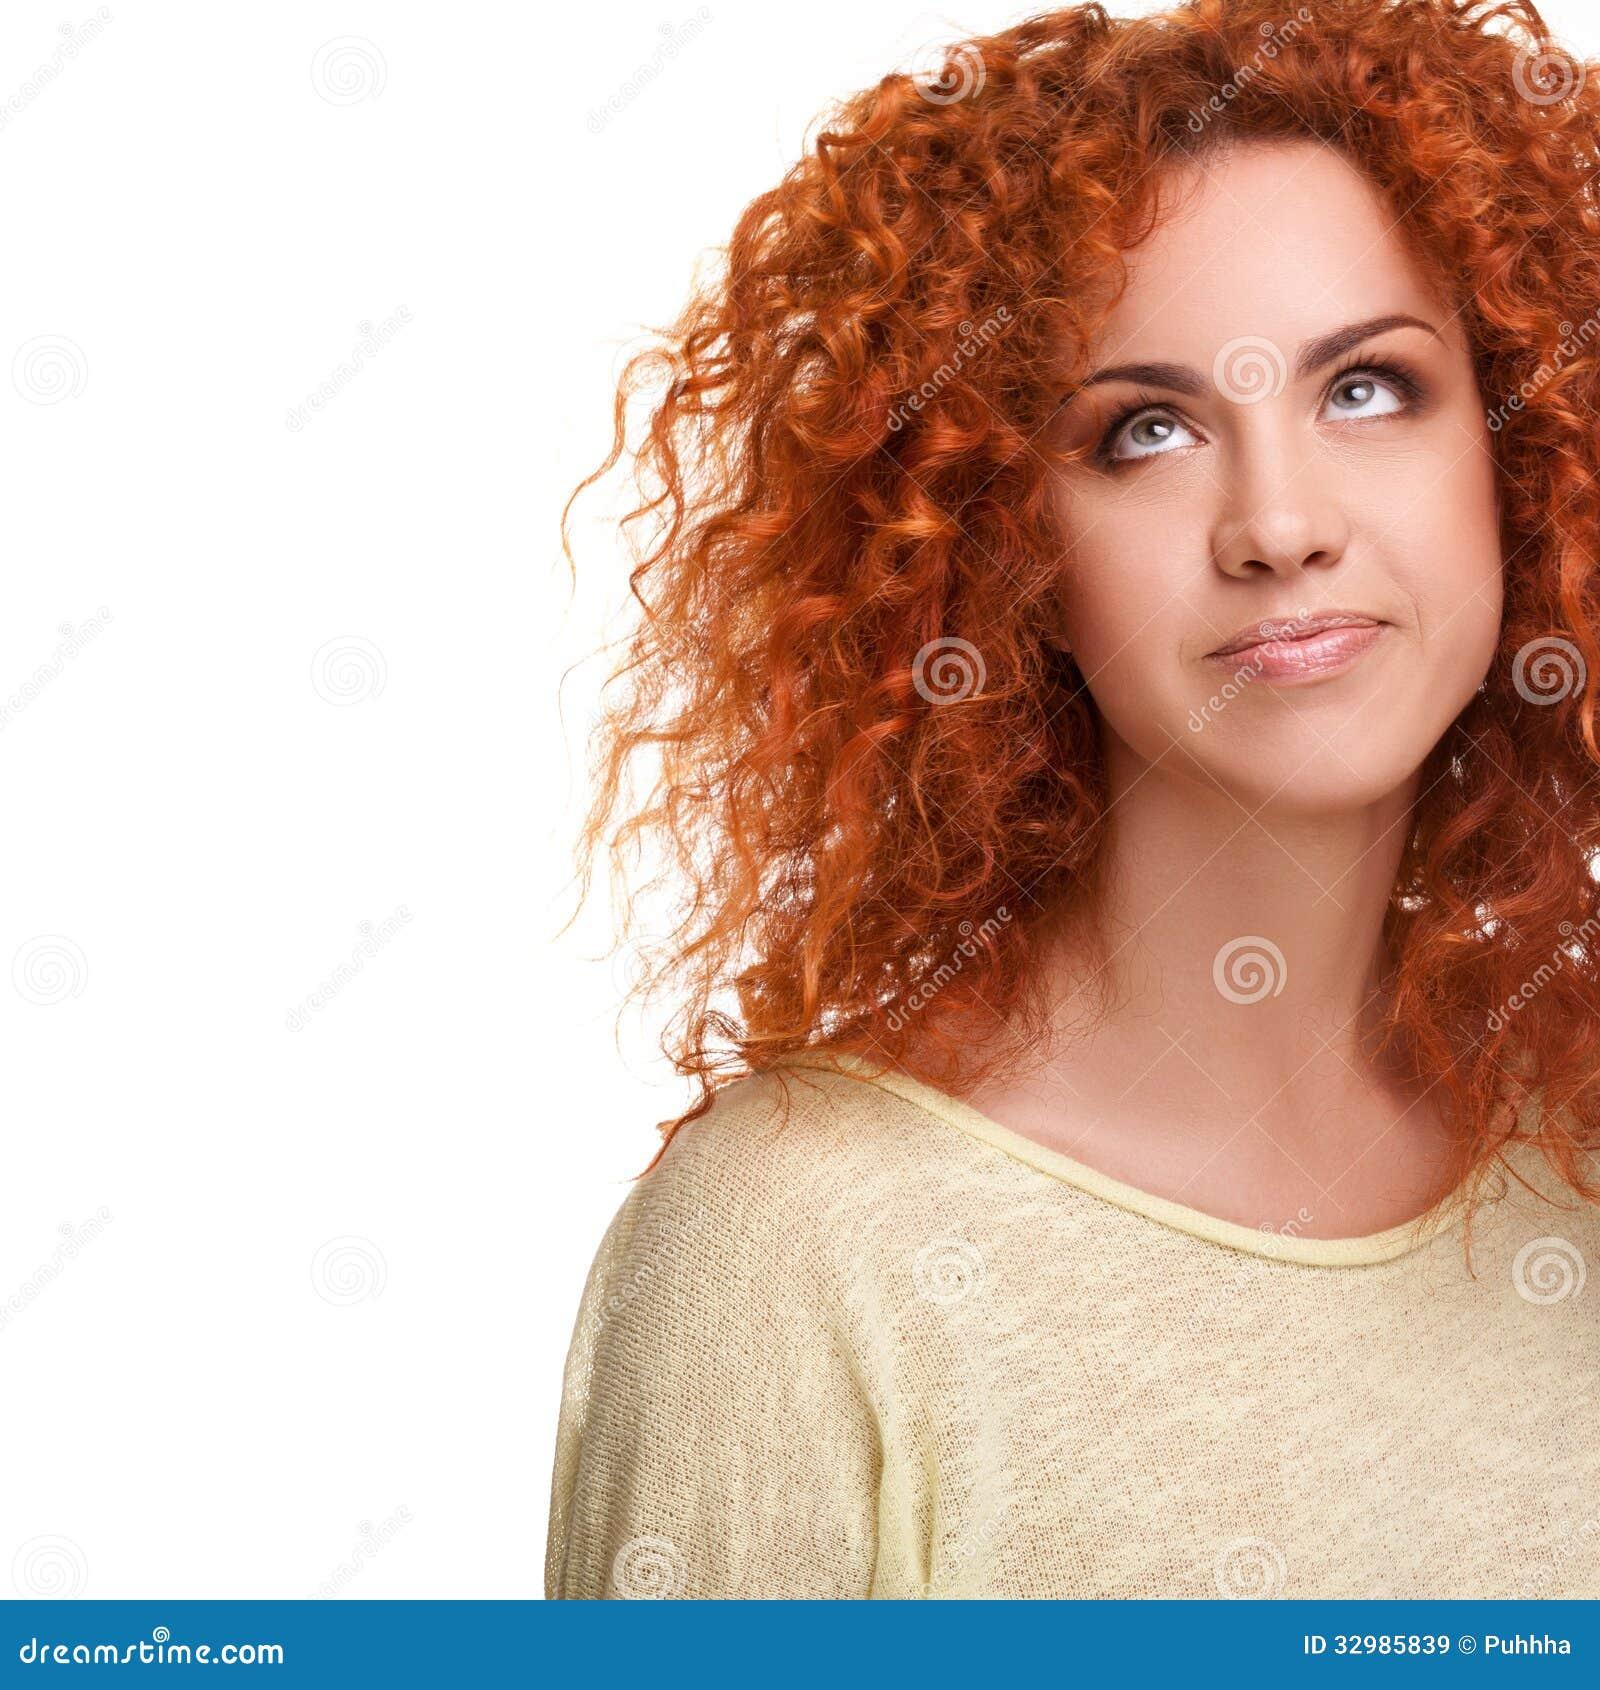 1600x1200 woman red hair - photo #44